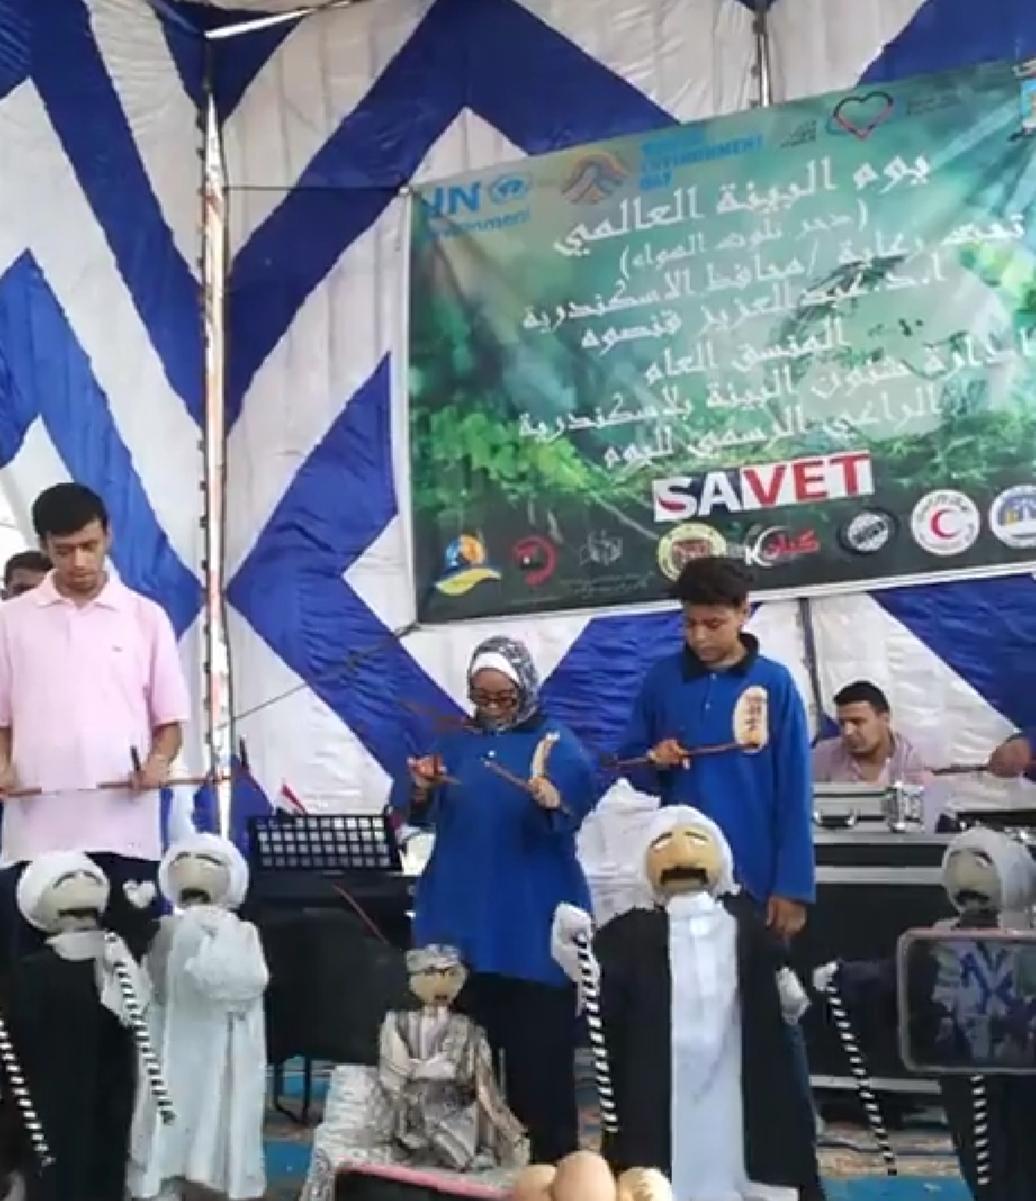 عروض فنية على شاطئ السرايا بالإسكندرية بمناسبة اليوم العالمى للبيئة (2)